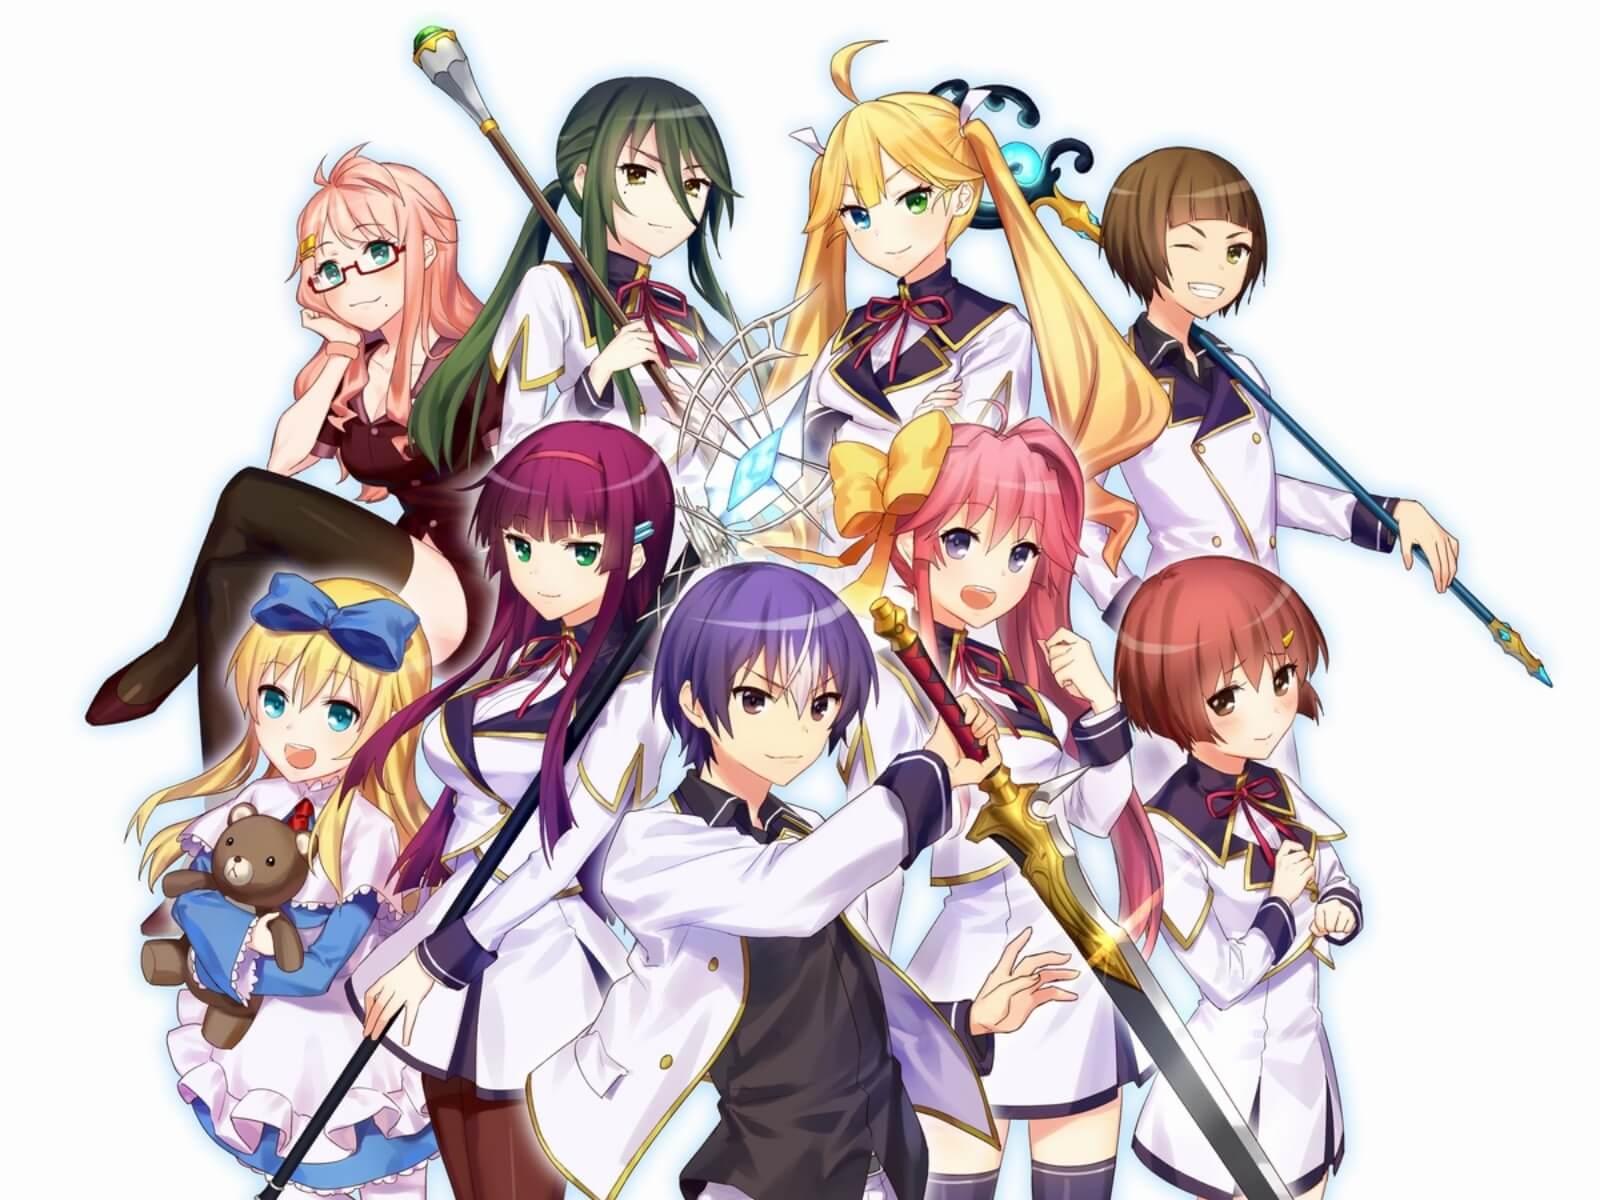 Seiken Tsukai no World Break [BD] Sub Indo : Episode 1-12 END